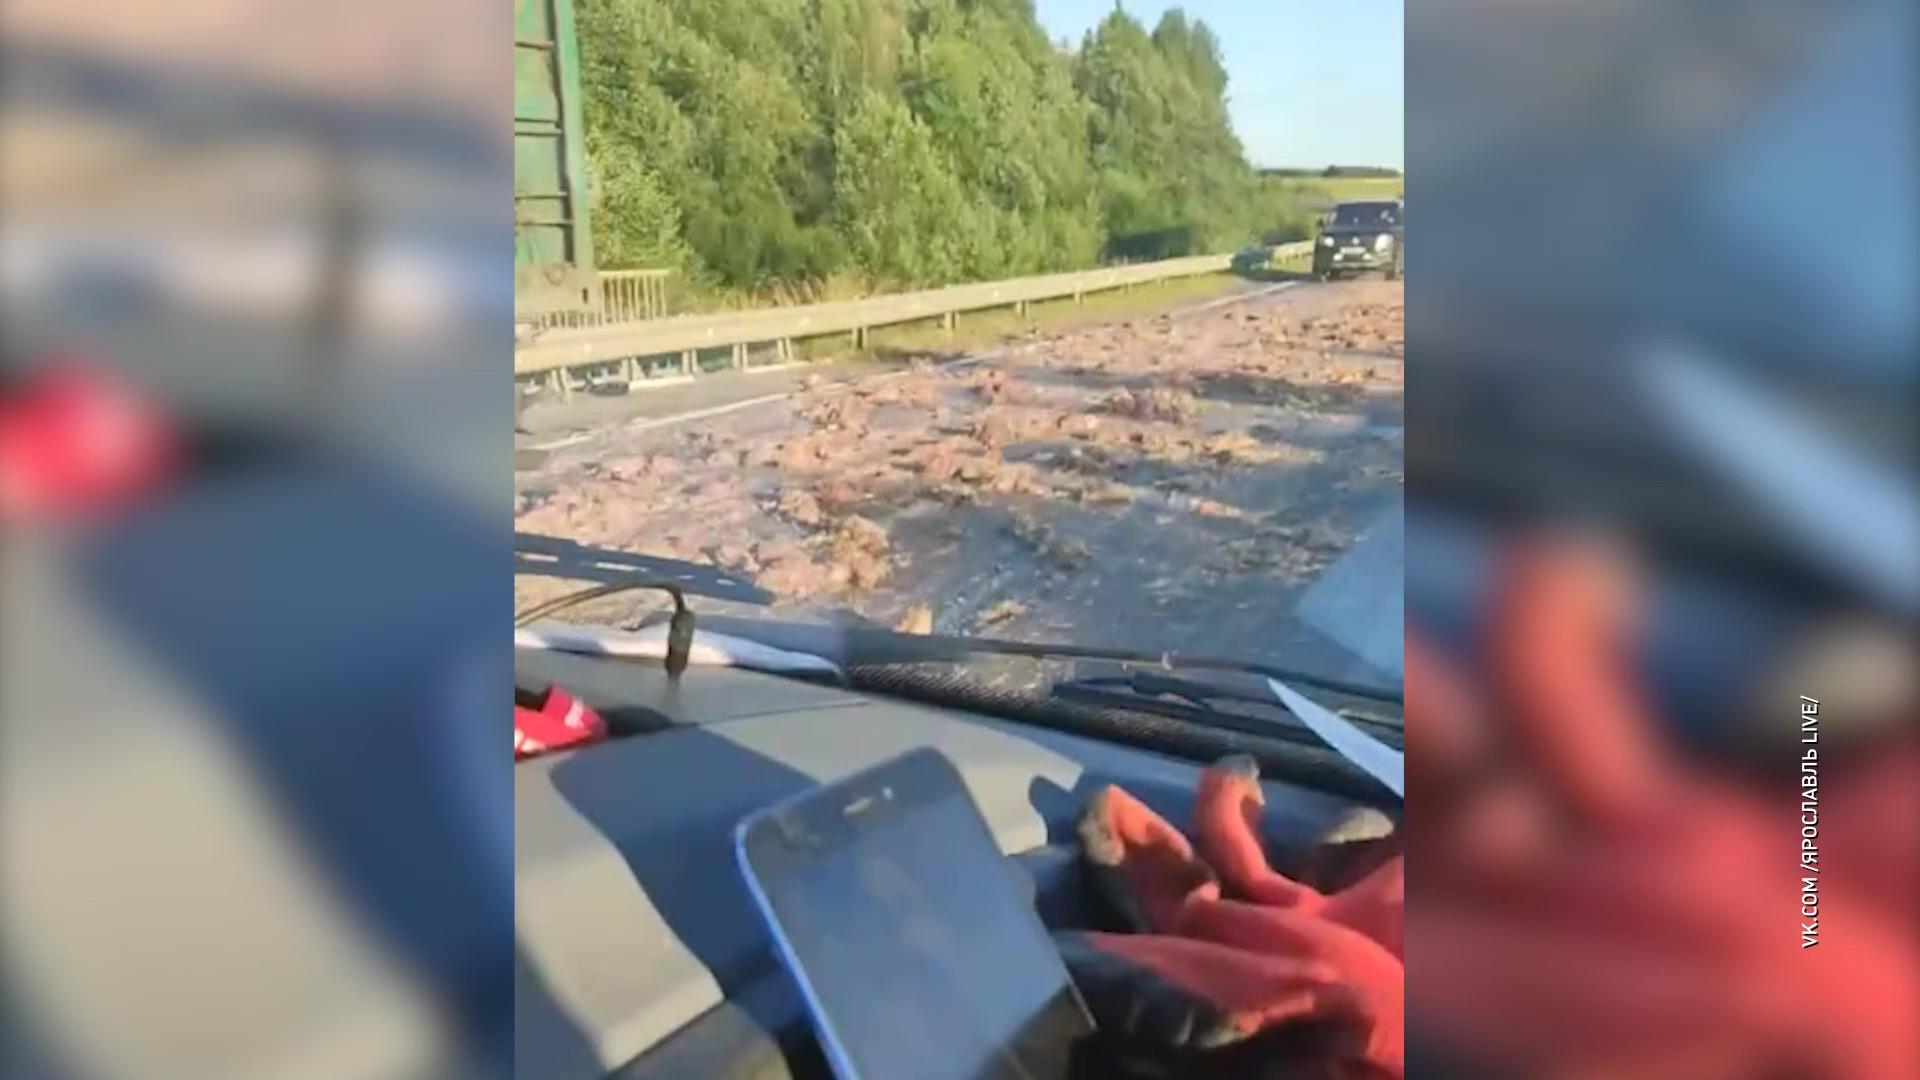 Километры фарша из птичьих трупов: в Гаврилов-Ямском районе по дороге раскатали мертвых куриц